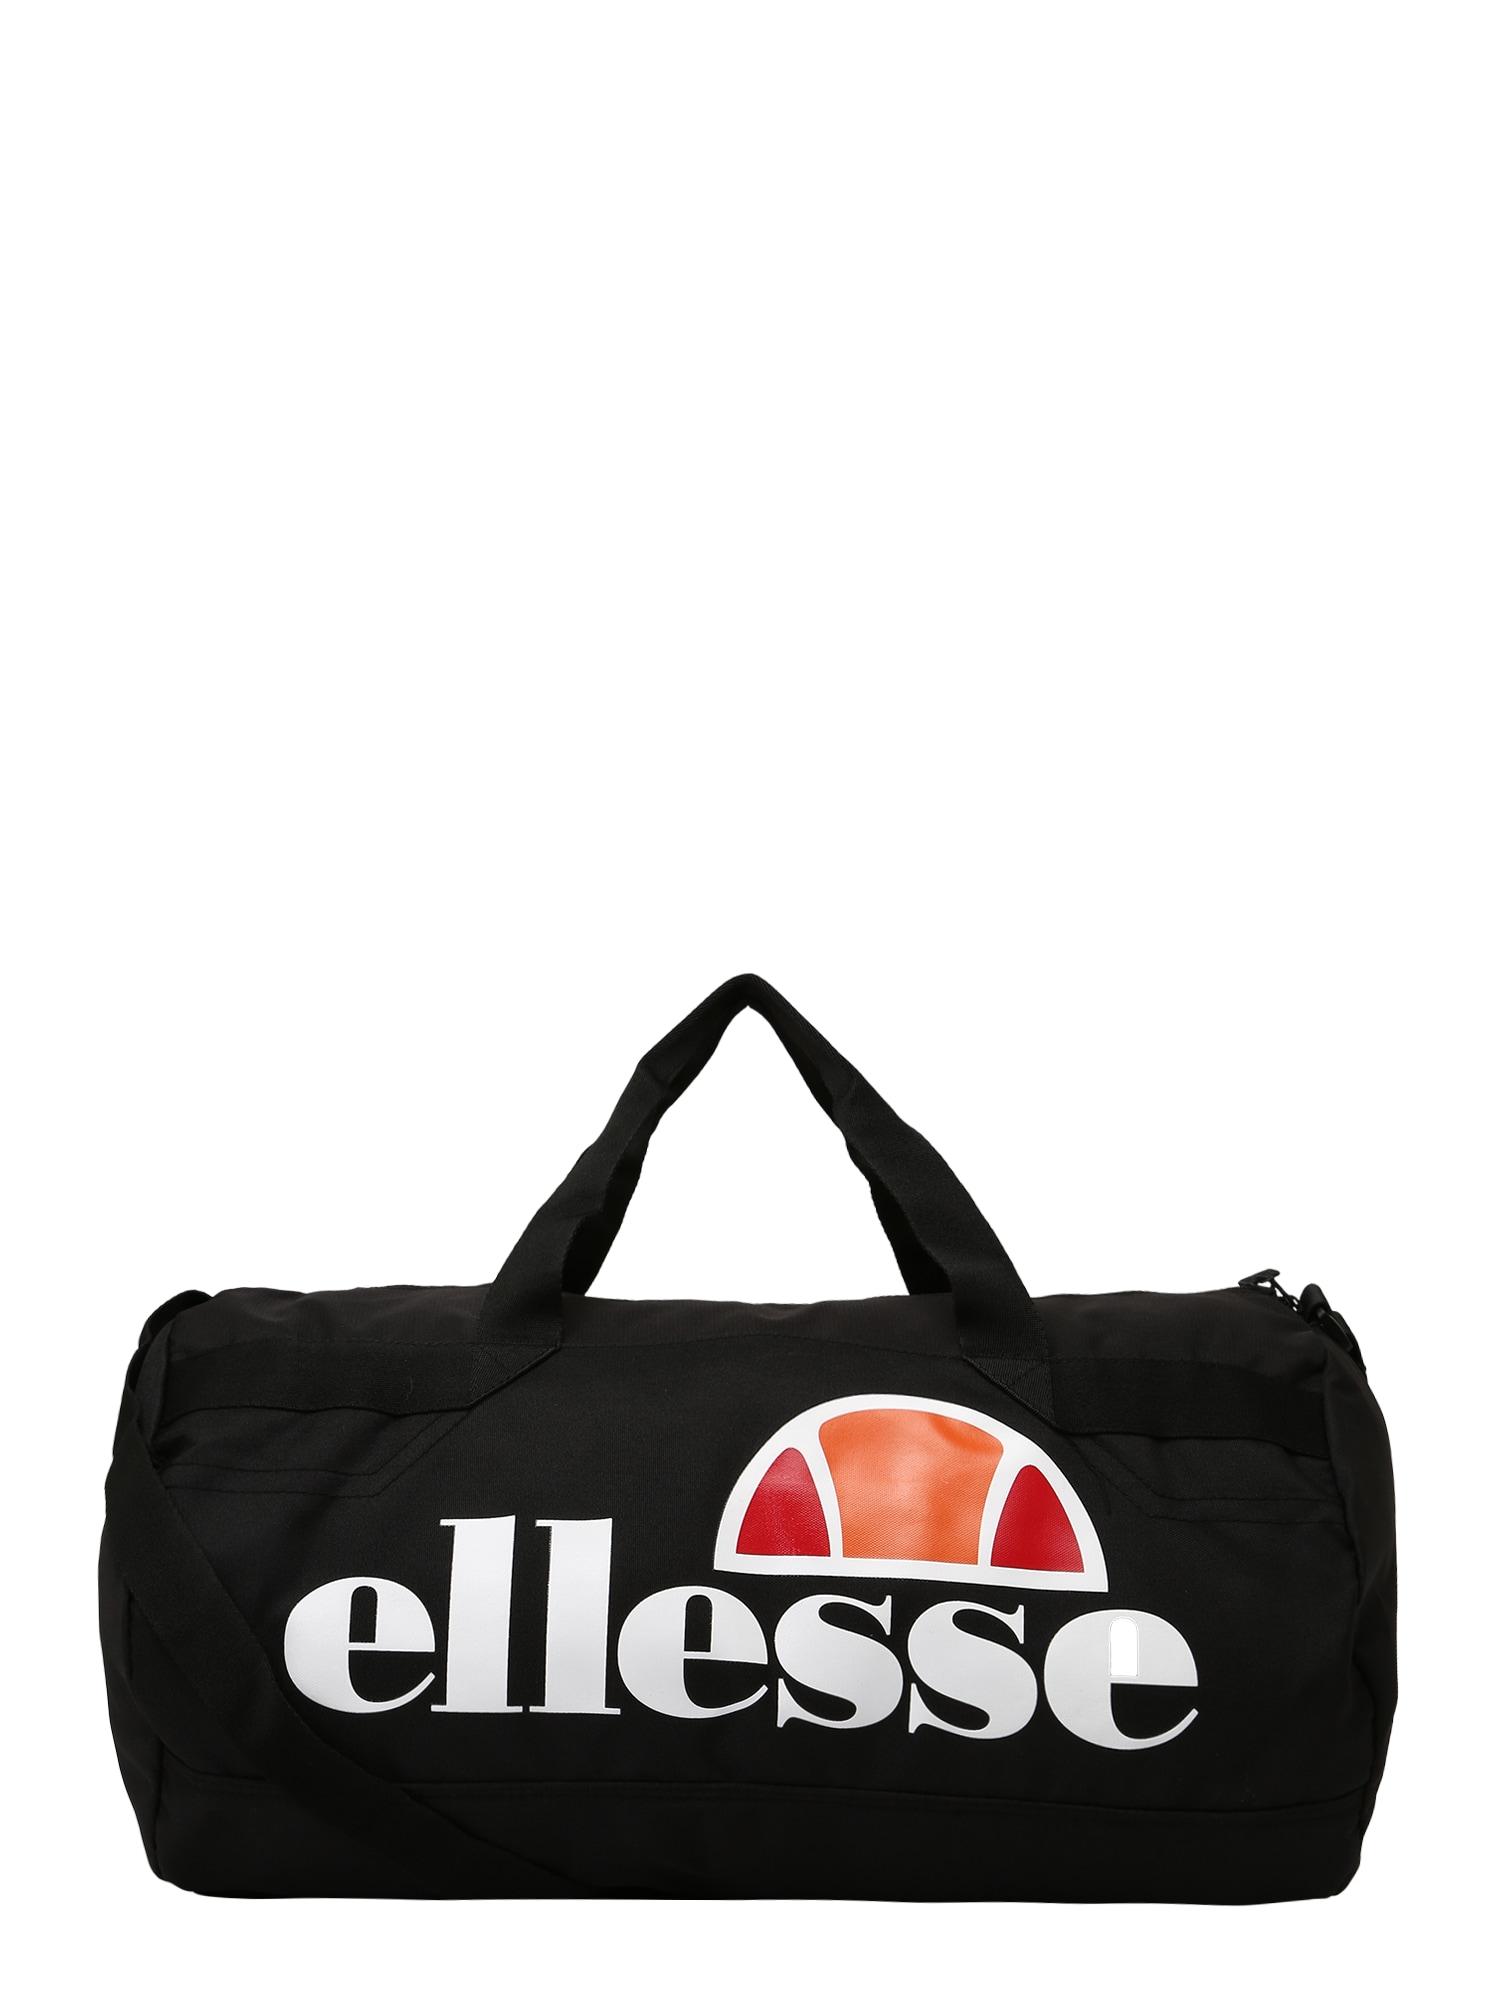 ELLESSE Kelioninis krepšys 'Pelba' juoda / balta / oranžinė